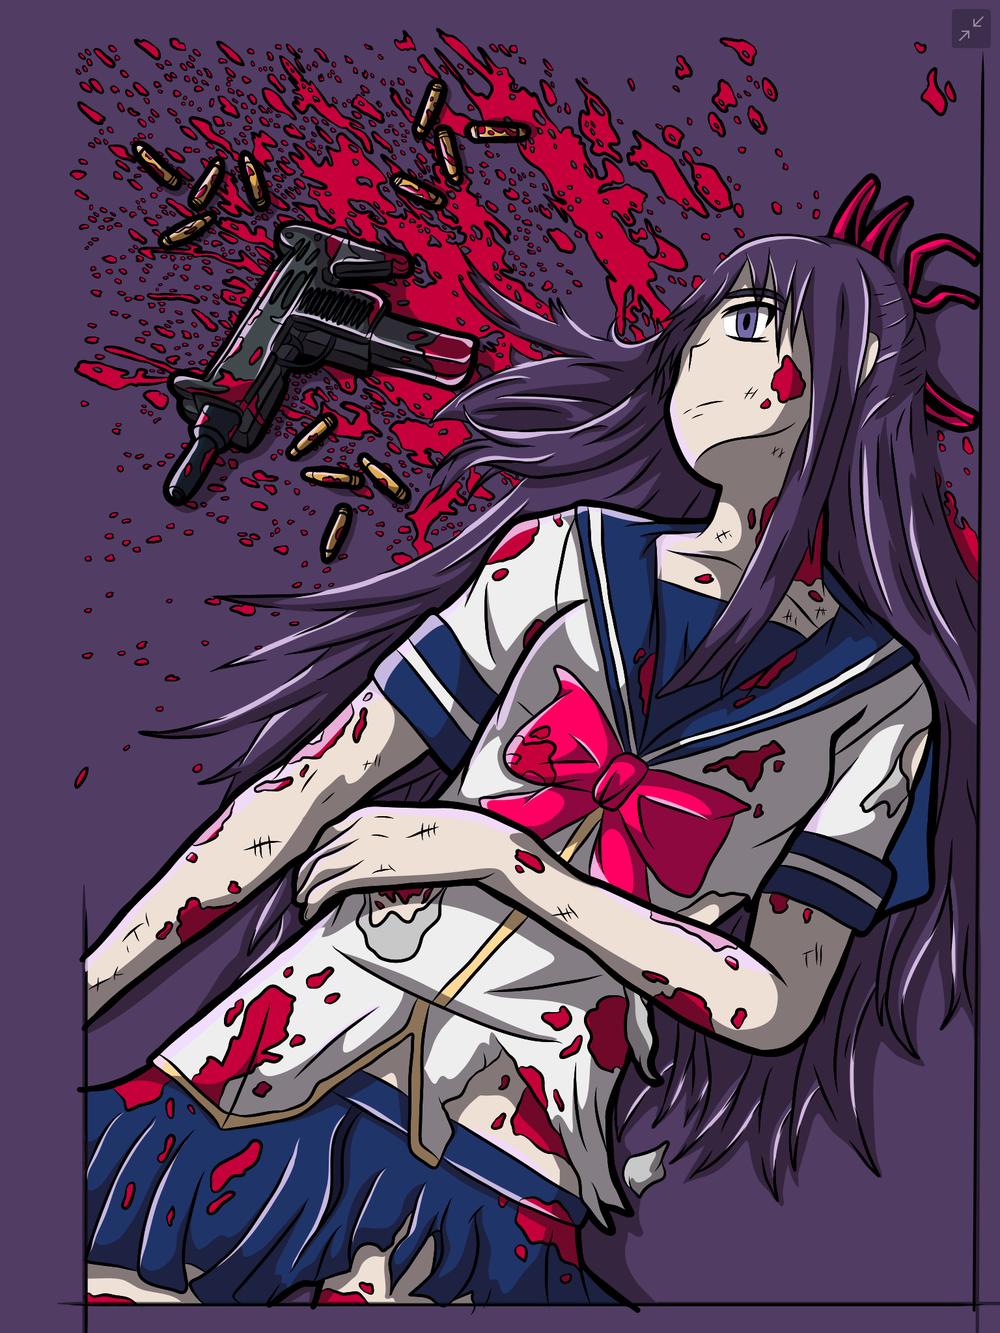 corpse-princess-pop-art-process-image-6.png